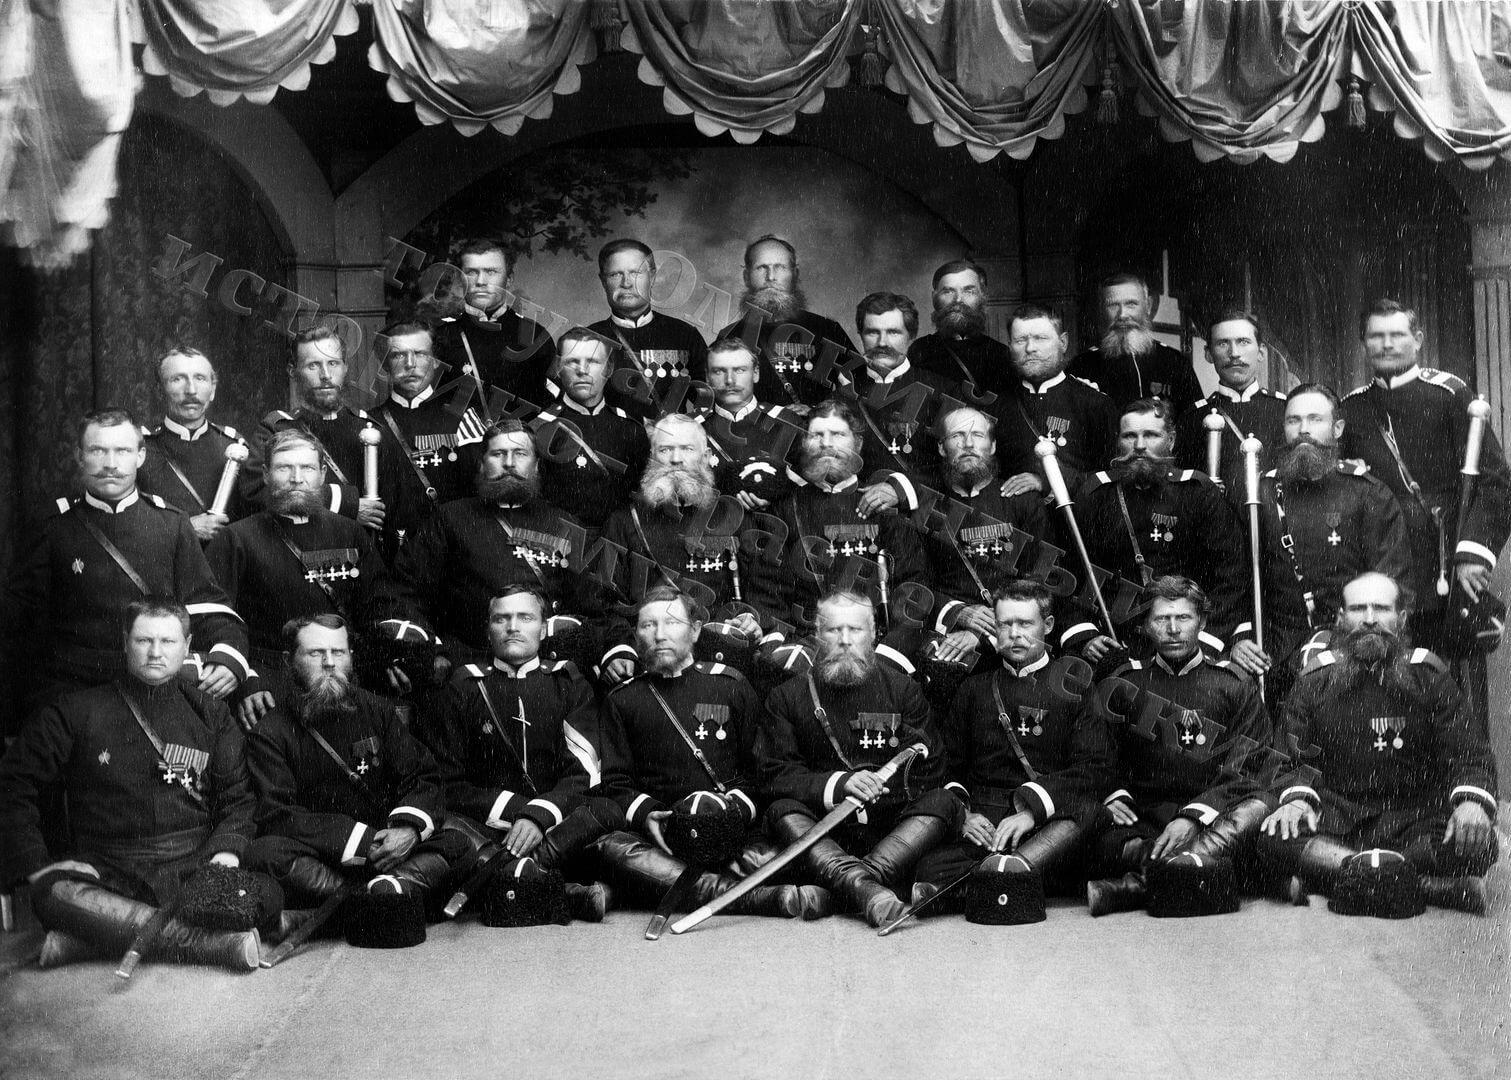 1891. Омск. Депутация 1-го отдела Сибирского казачьего войска